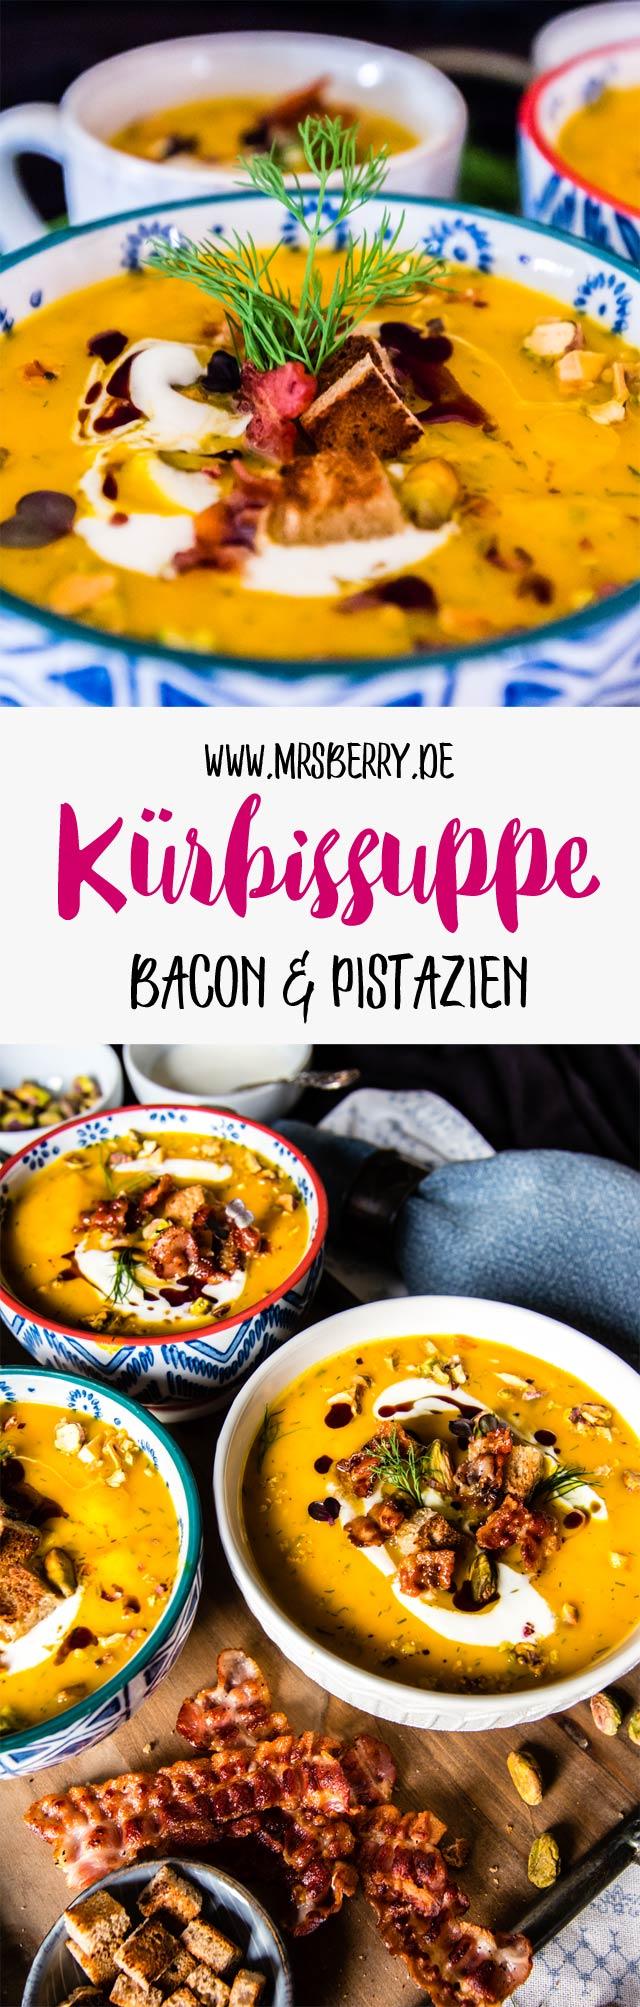 Kürbissuppe selber machen: Rezept für Kürbissuppe mit Bacon und Pistazien